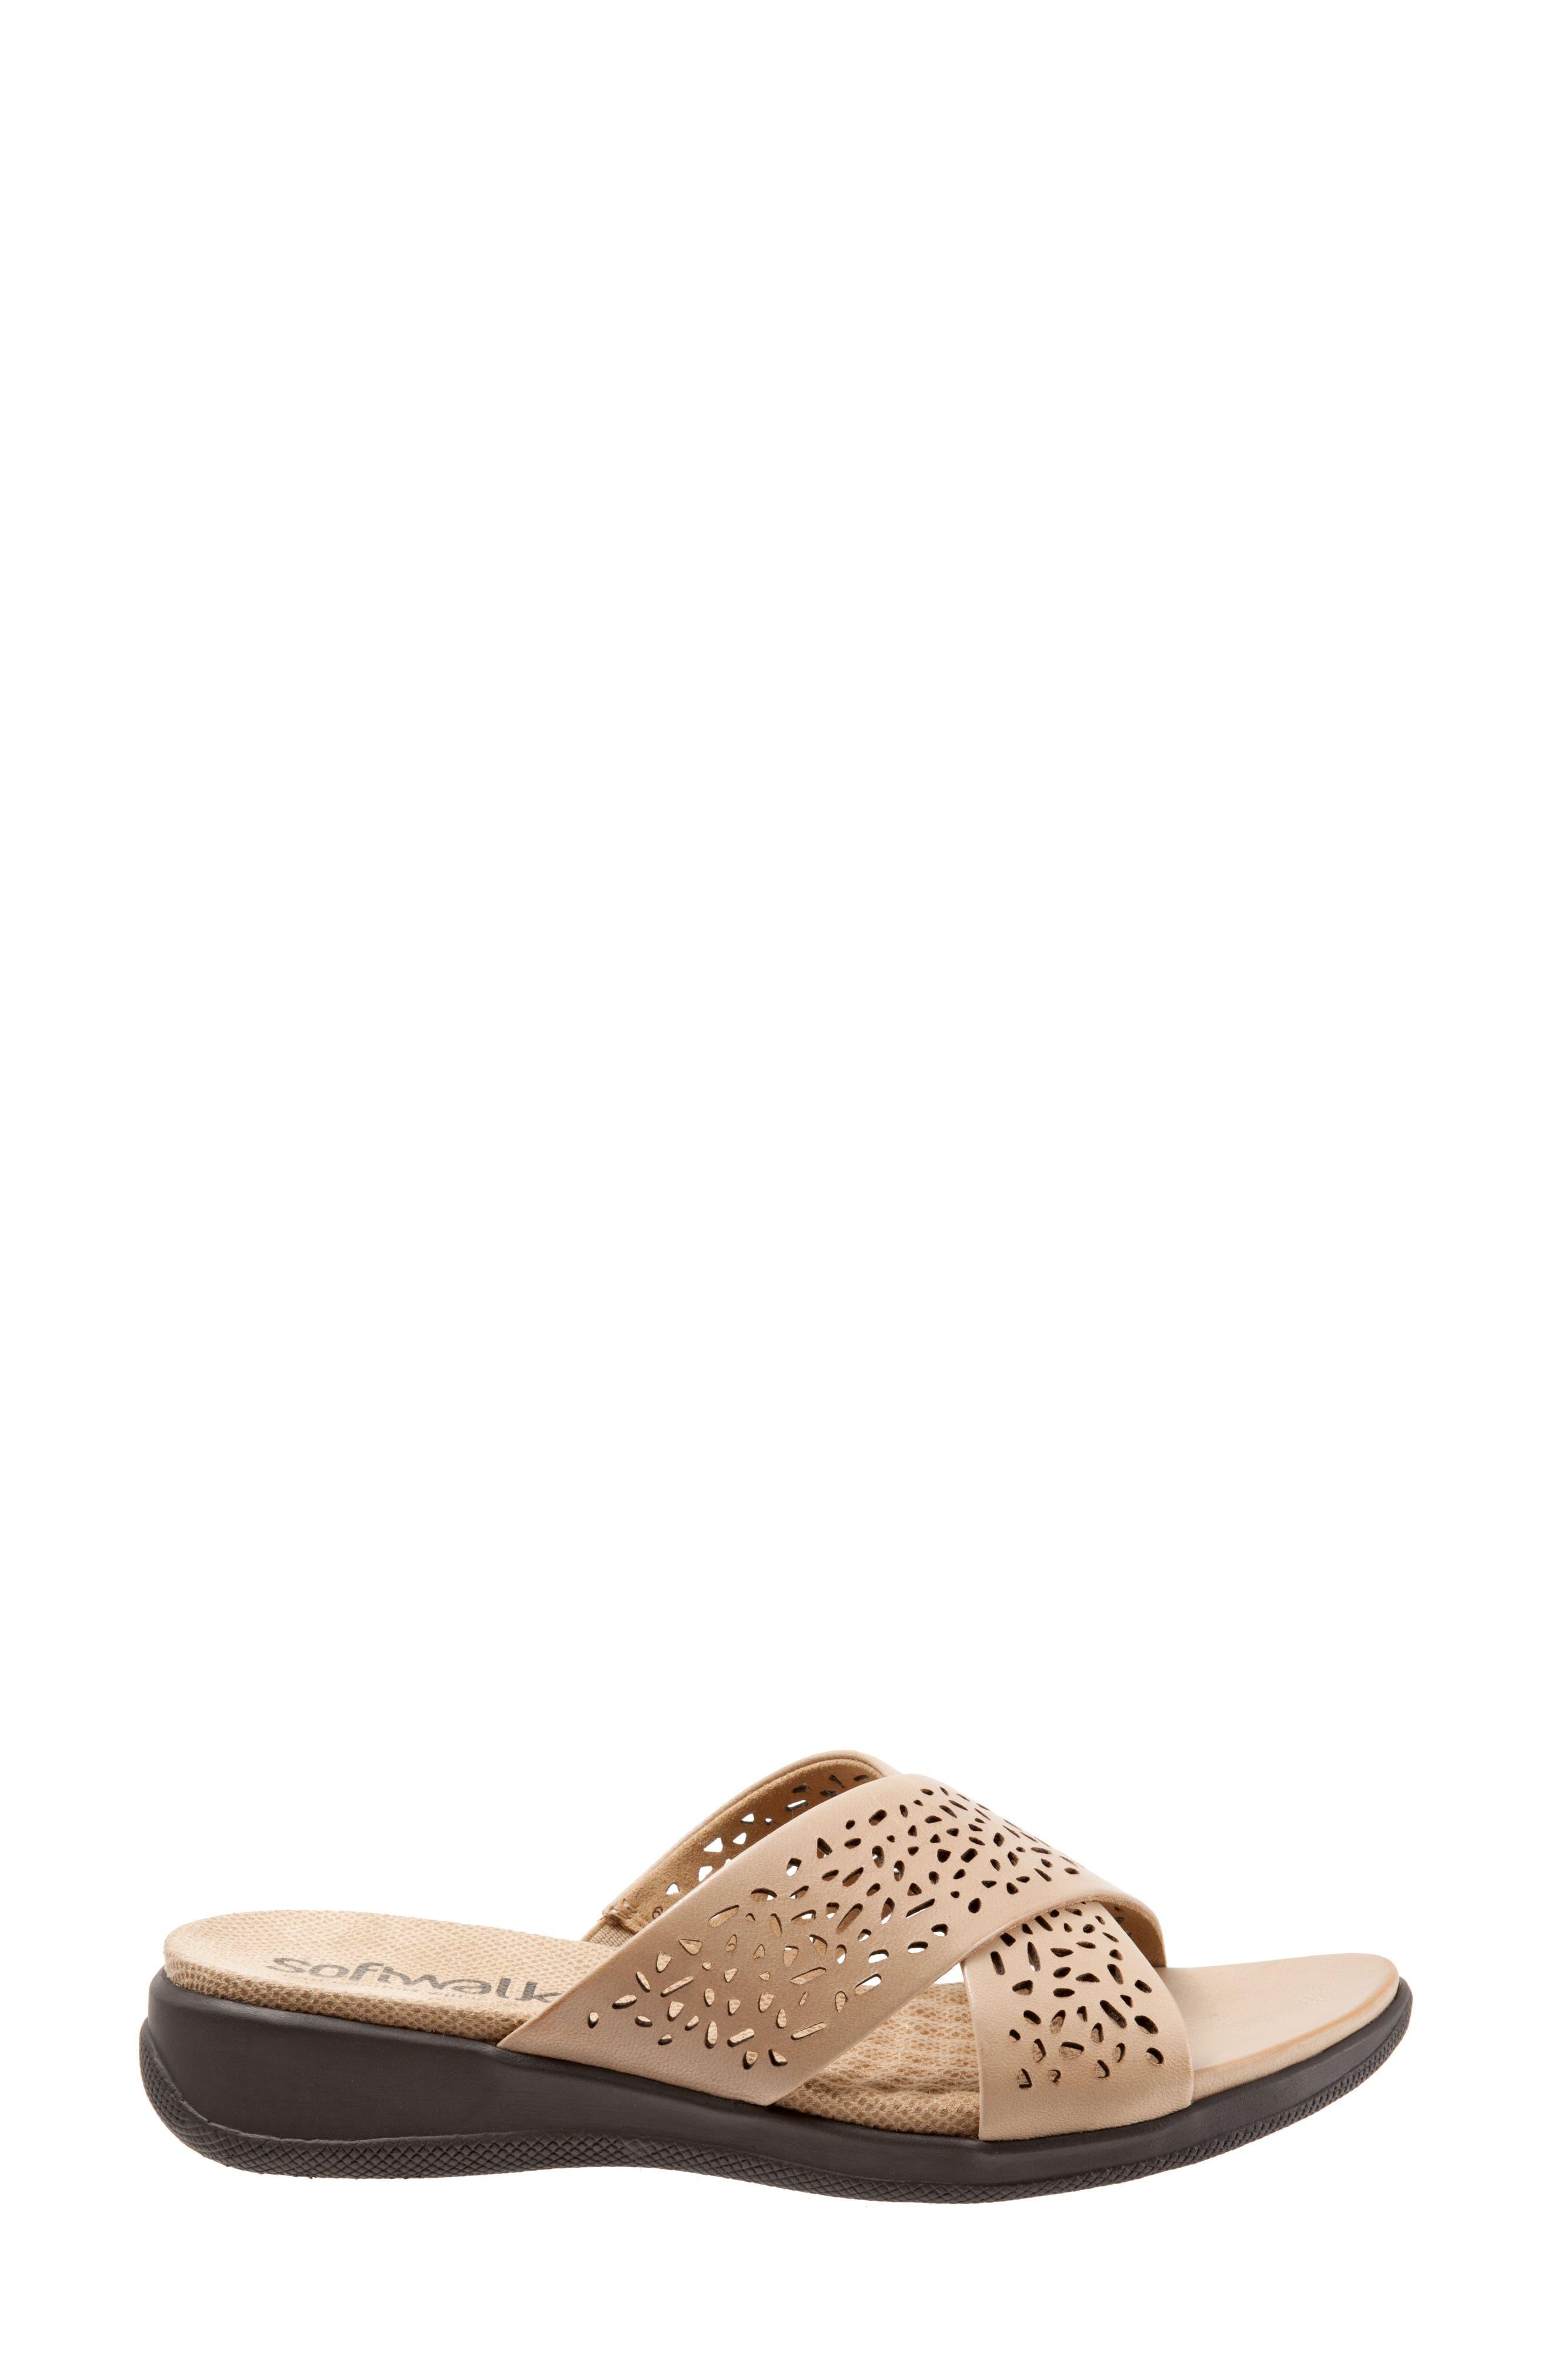 Alternate Image 3  - SoftWalk® 'Tillman' Leather Cross Strap Slide Sandal (Women)